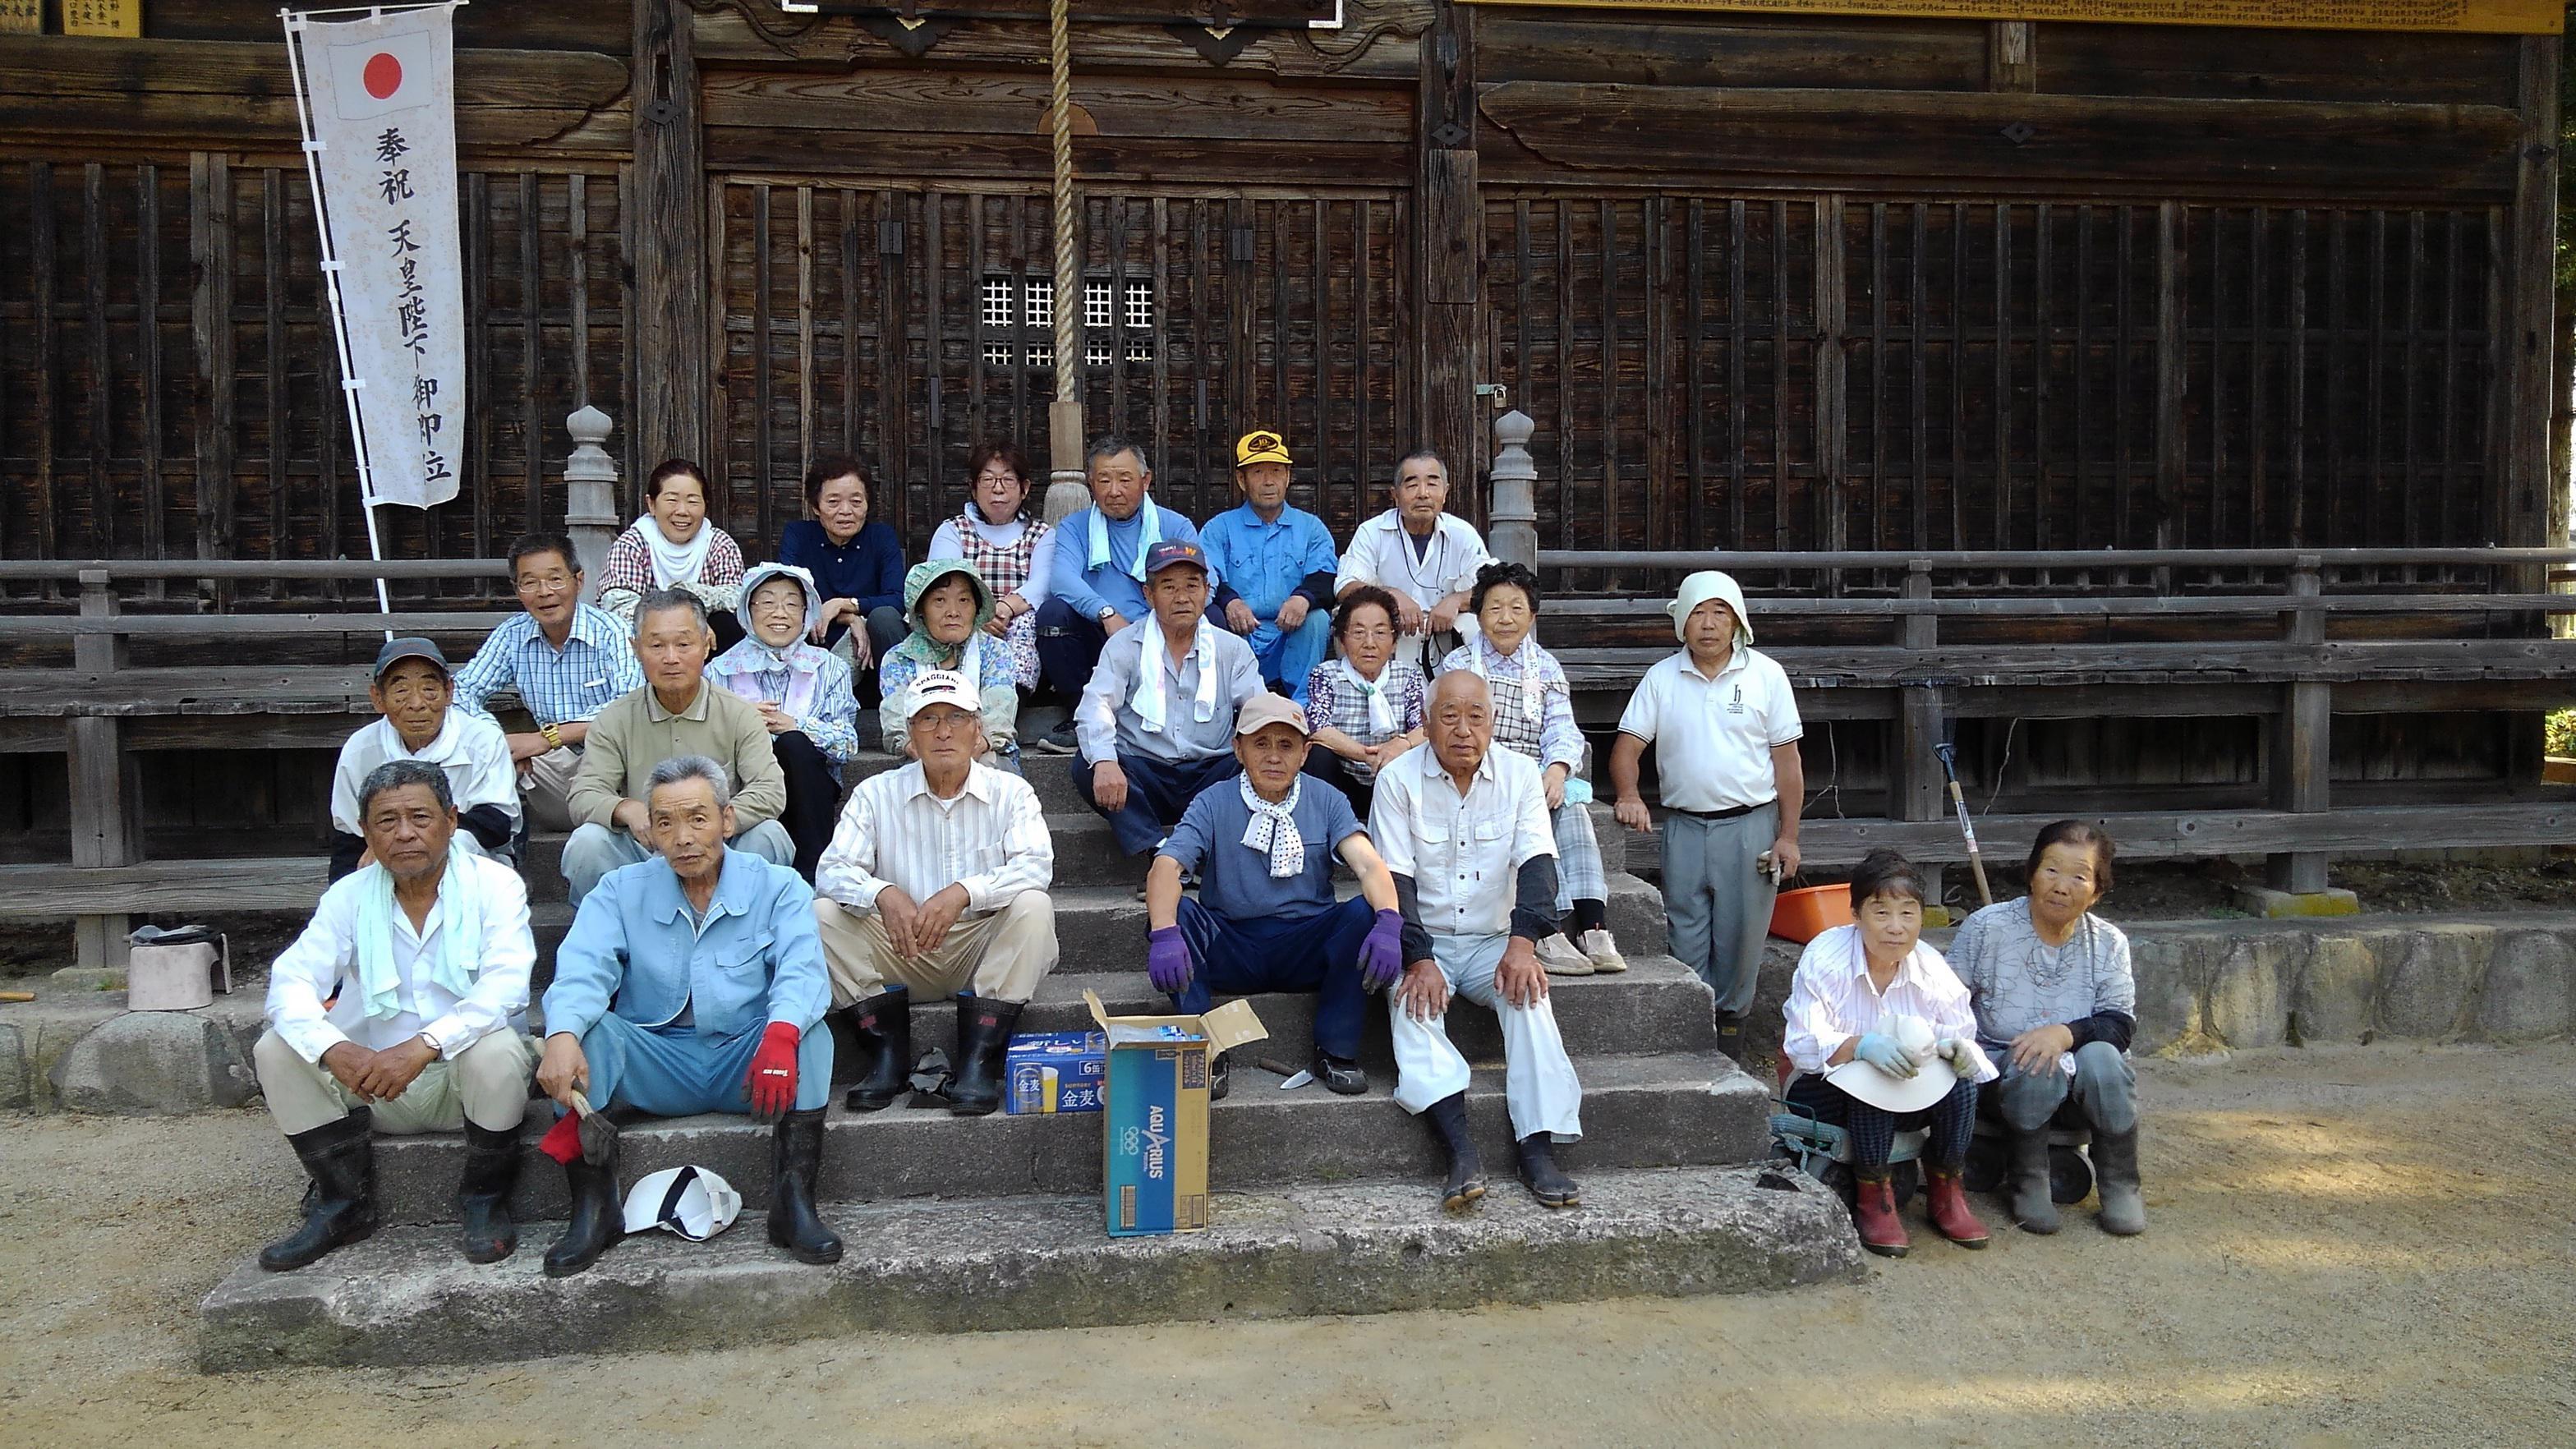 老人クラブの社会奉仕活動